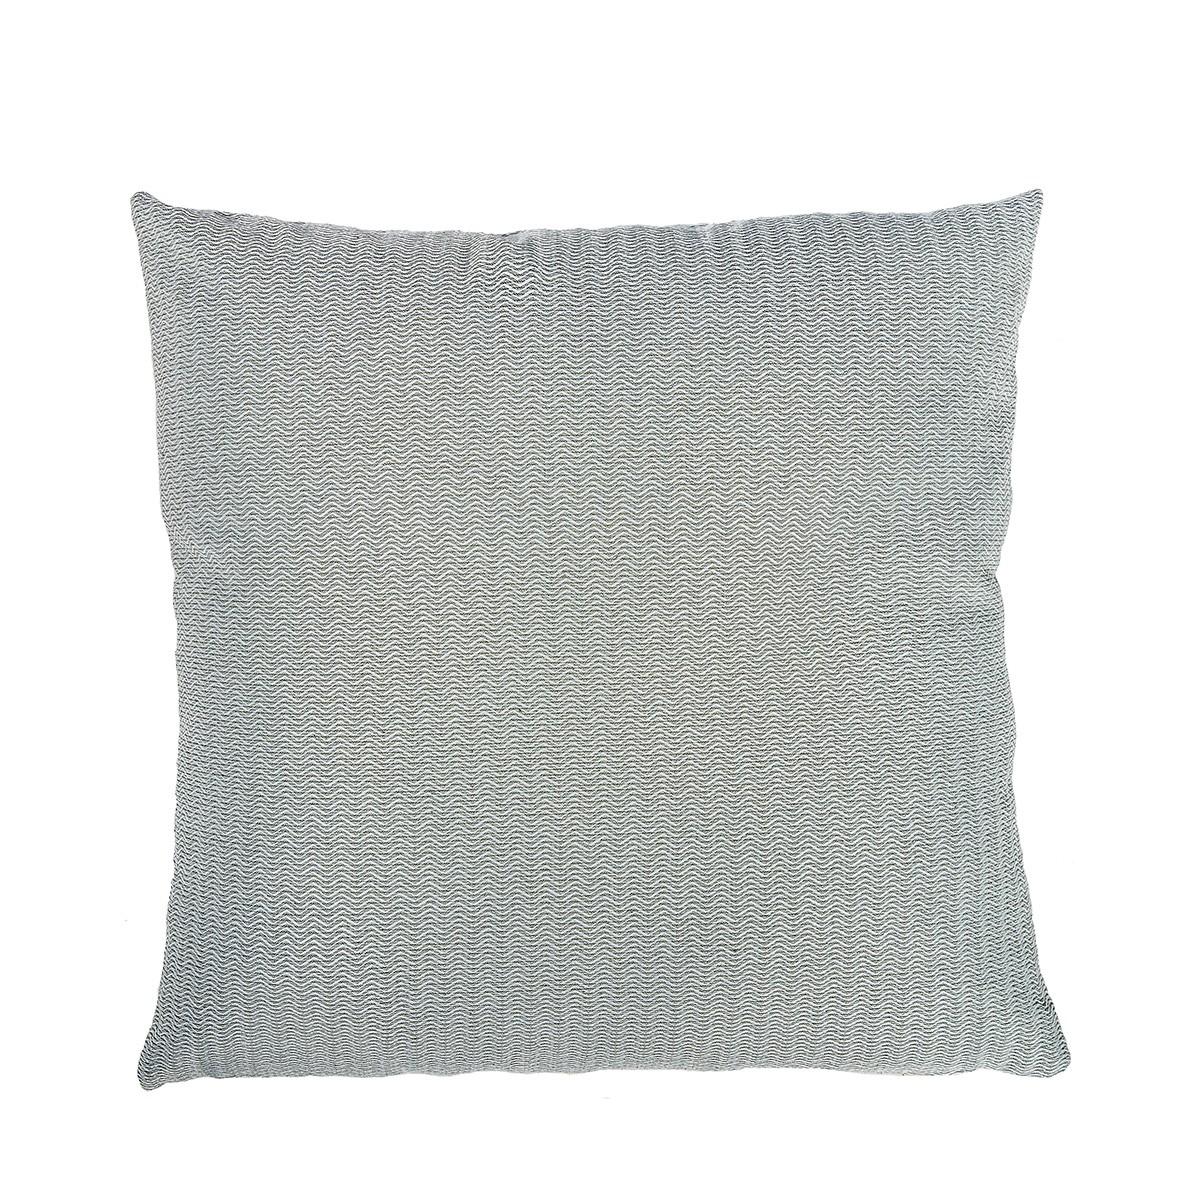 Διακοσμητική Μαξιλαροθήκη Loom To Room Chevron Khaki home   σαλόνι   διακοσμητικά μαξιλάρια